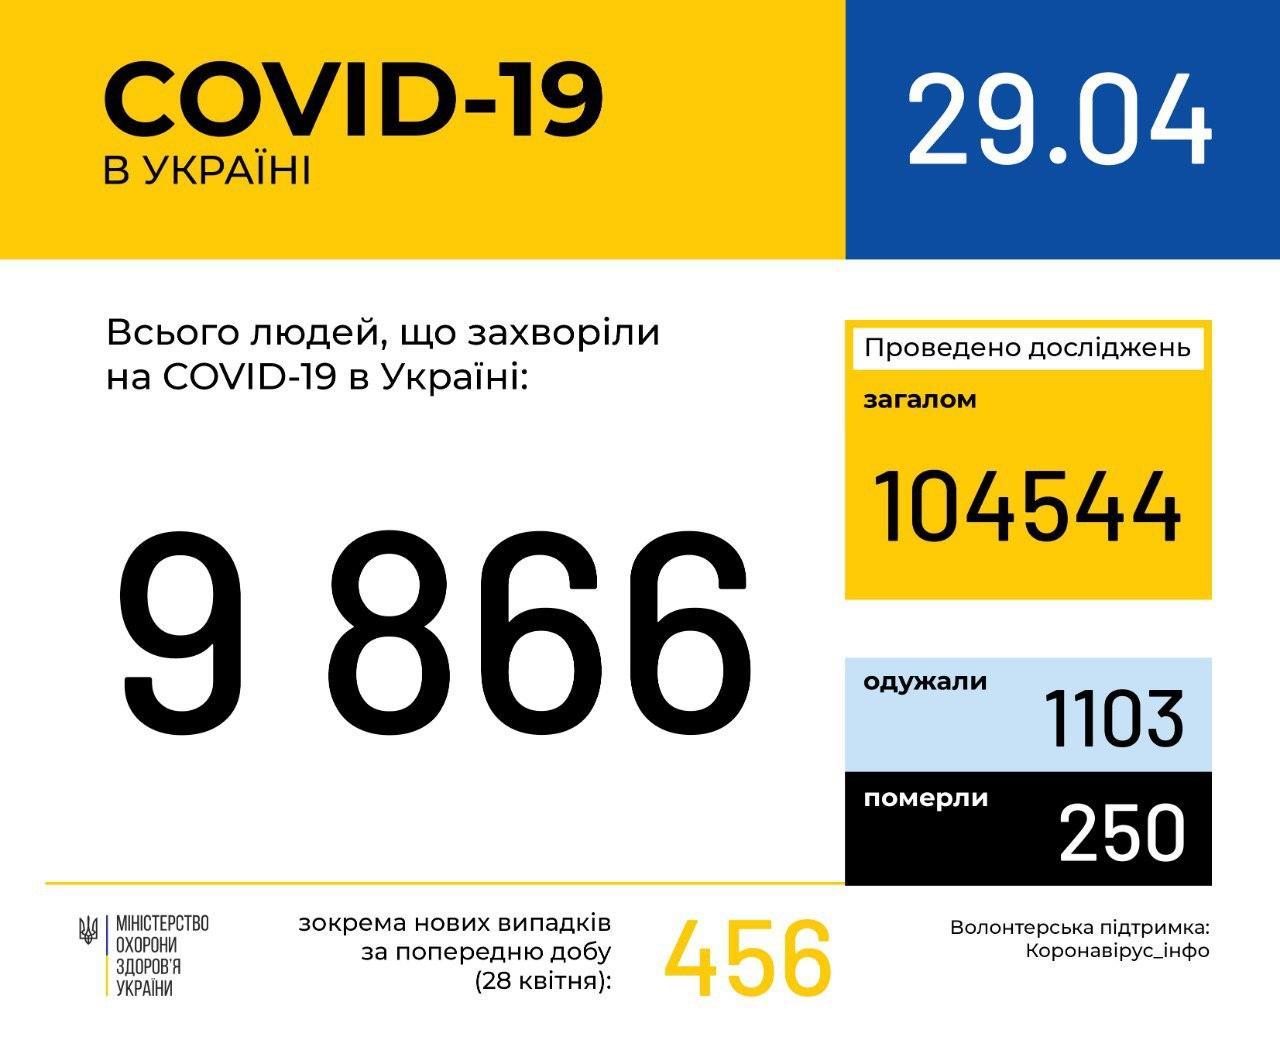 В Україні за добу зафіксовано ще 456 нових випадків коронавірусної хвороби